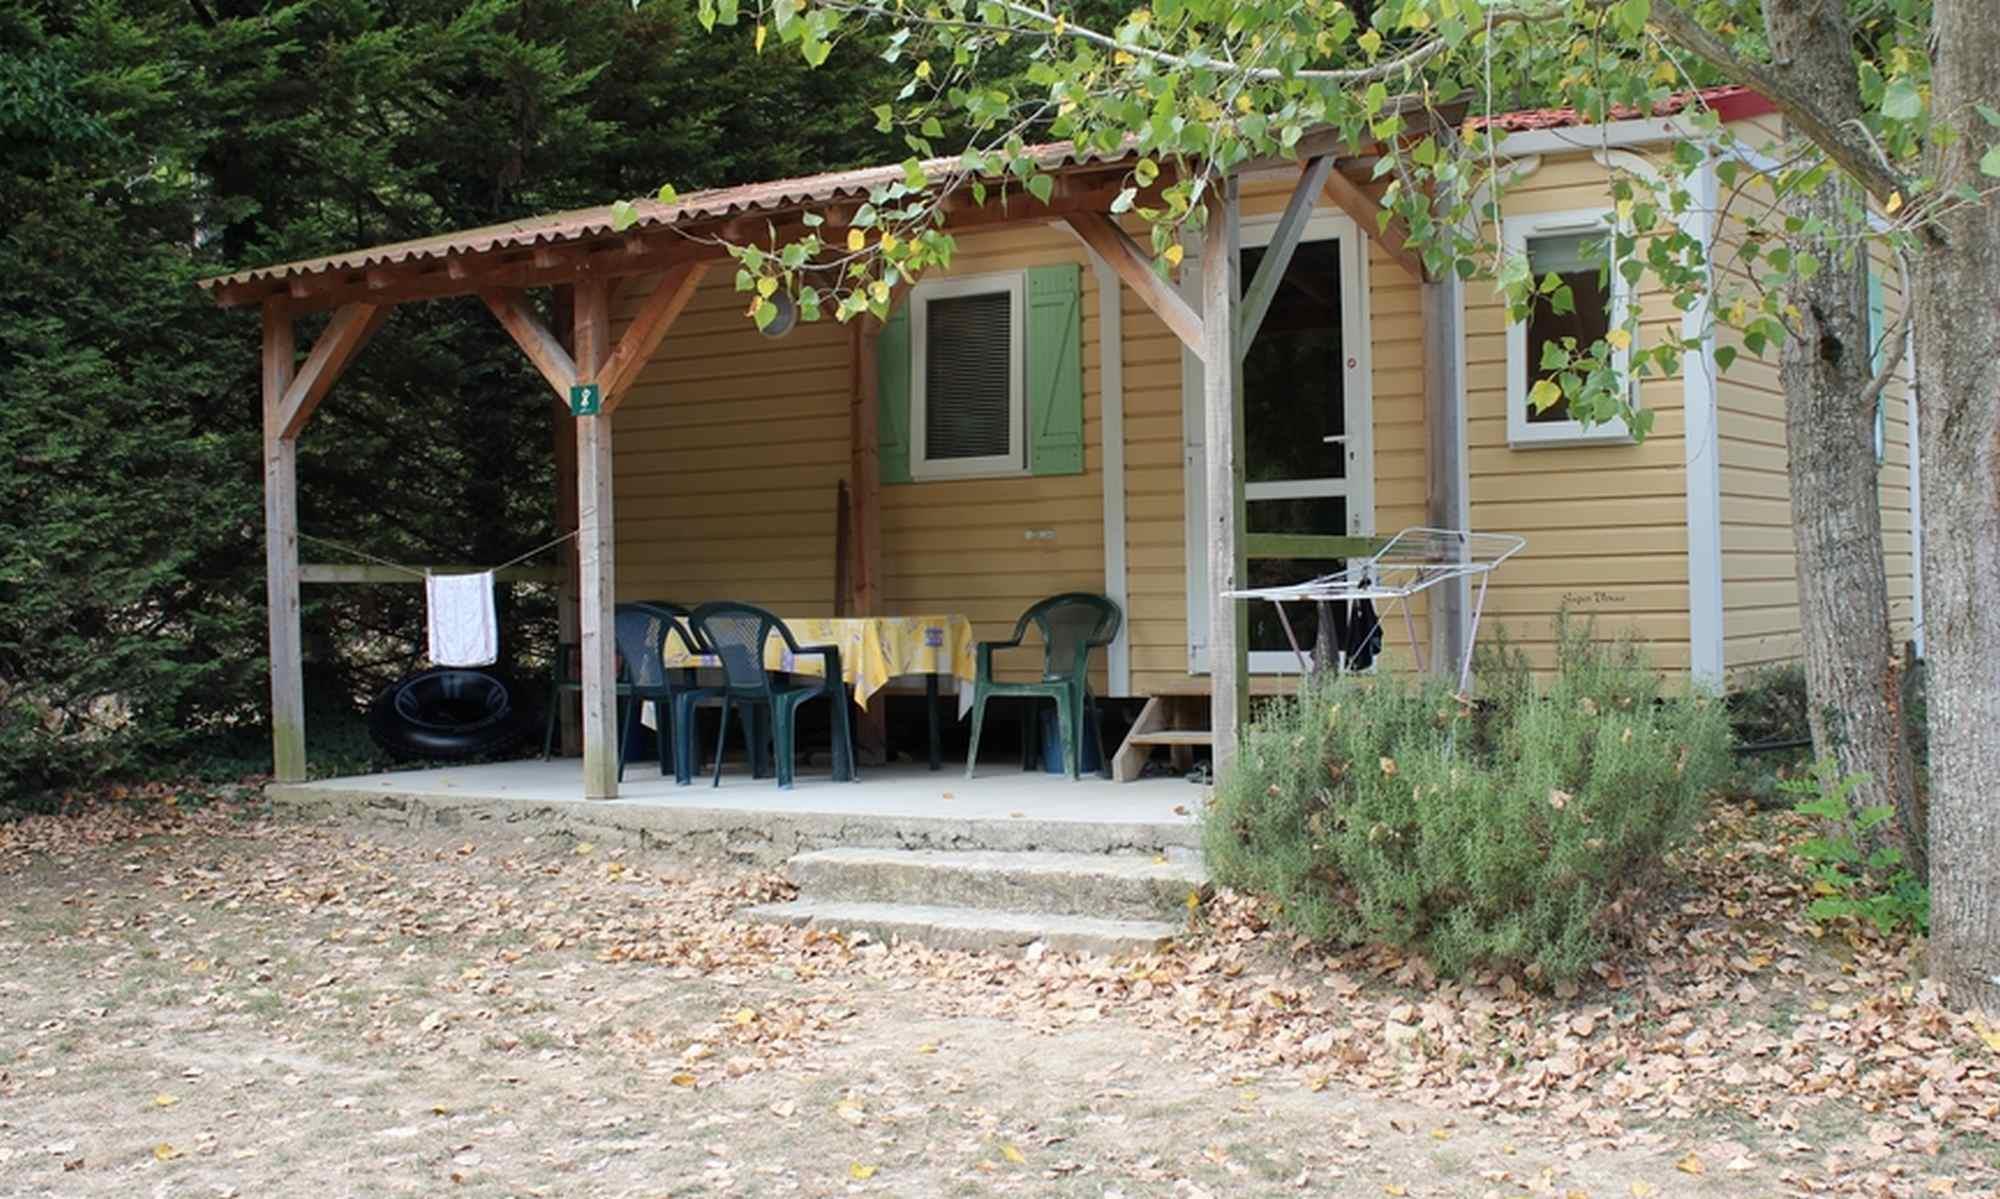 Camping la Poche, Mirmande, Drôme